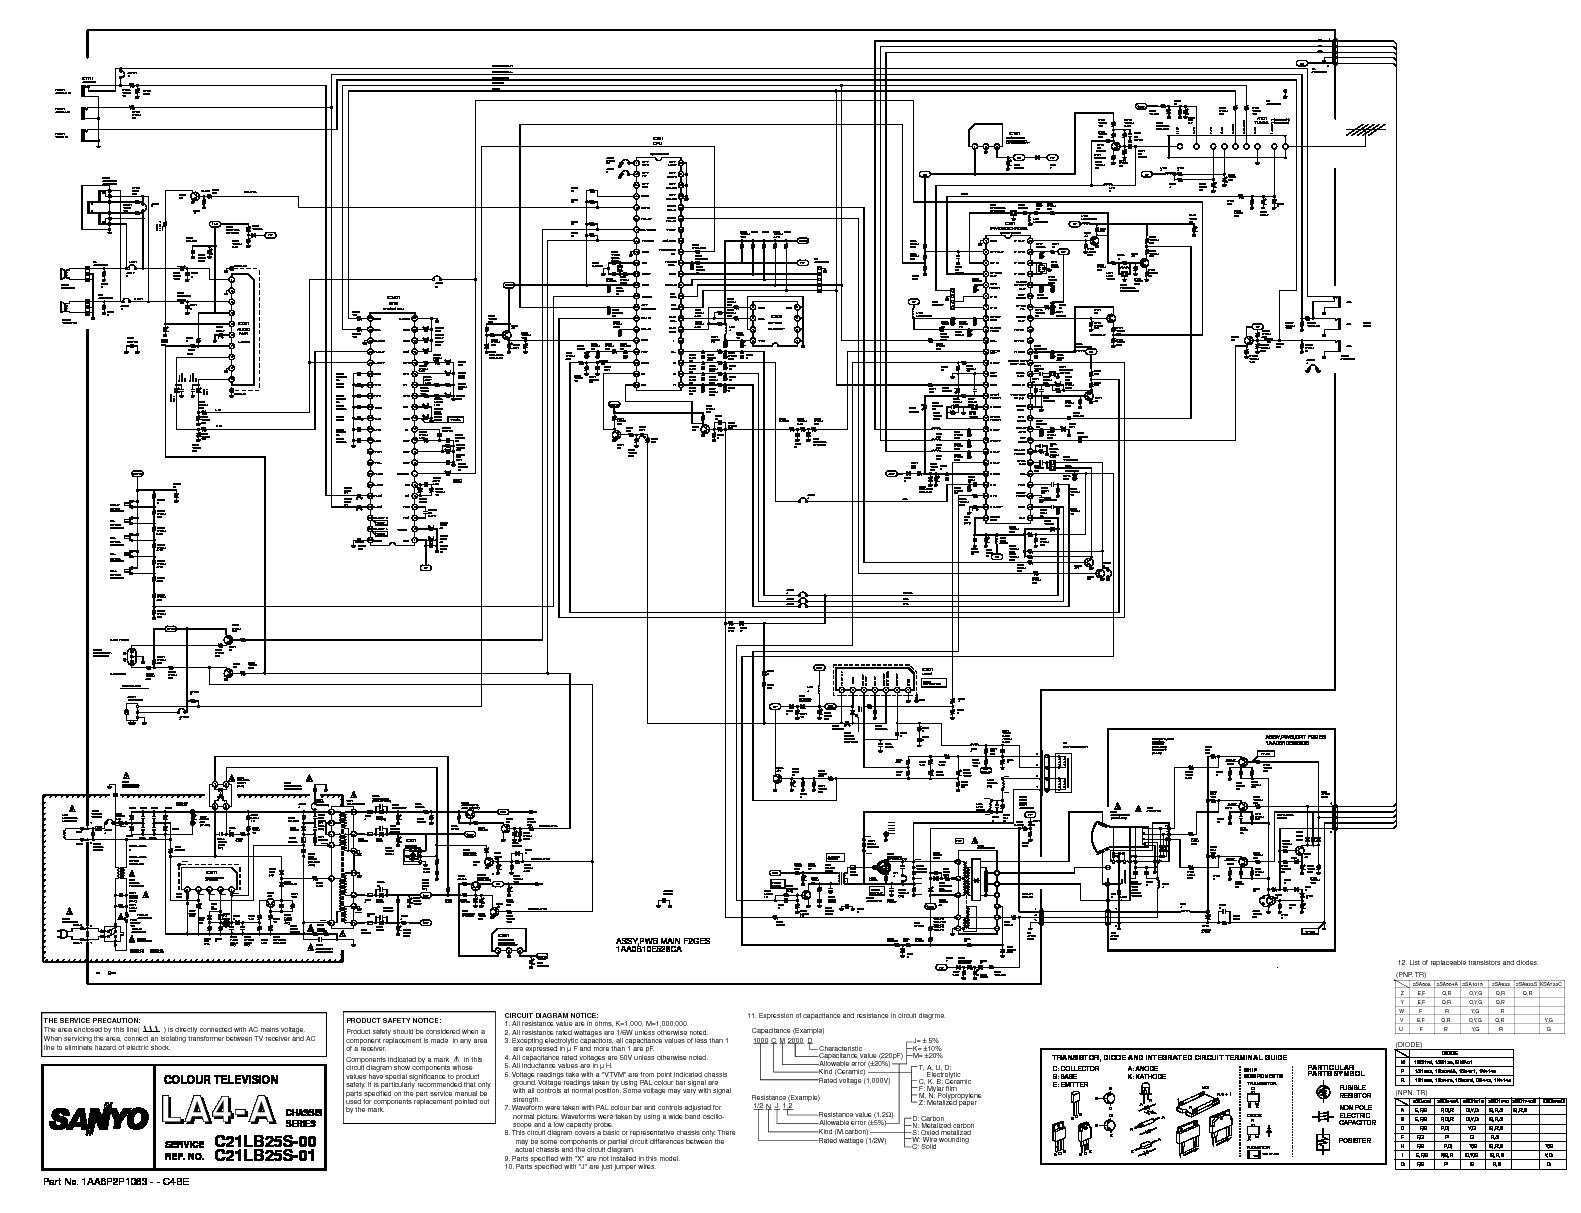 SANYO Sanyo C21LB25S Chasis LA4 A pdf Diagramas de